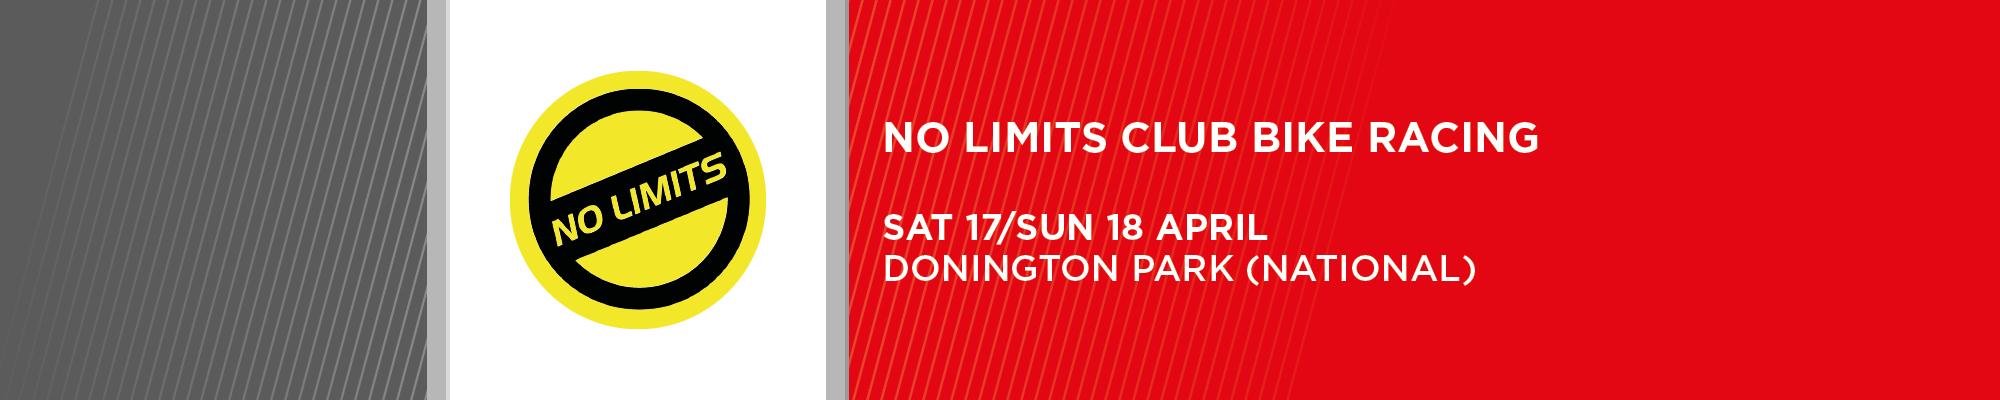 No Limits Club - NO SPECTATORS